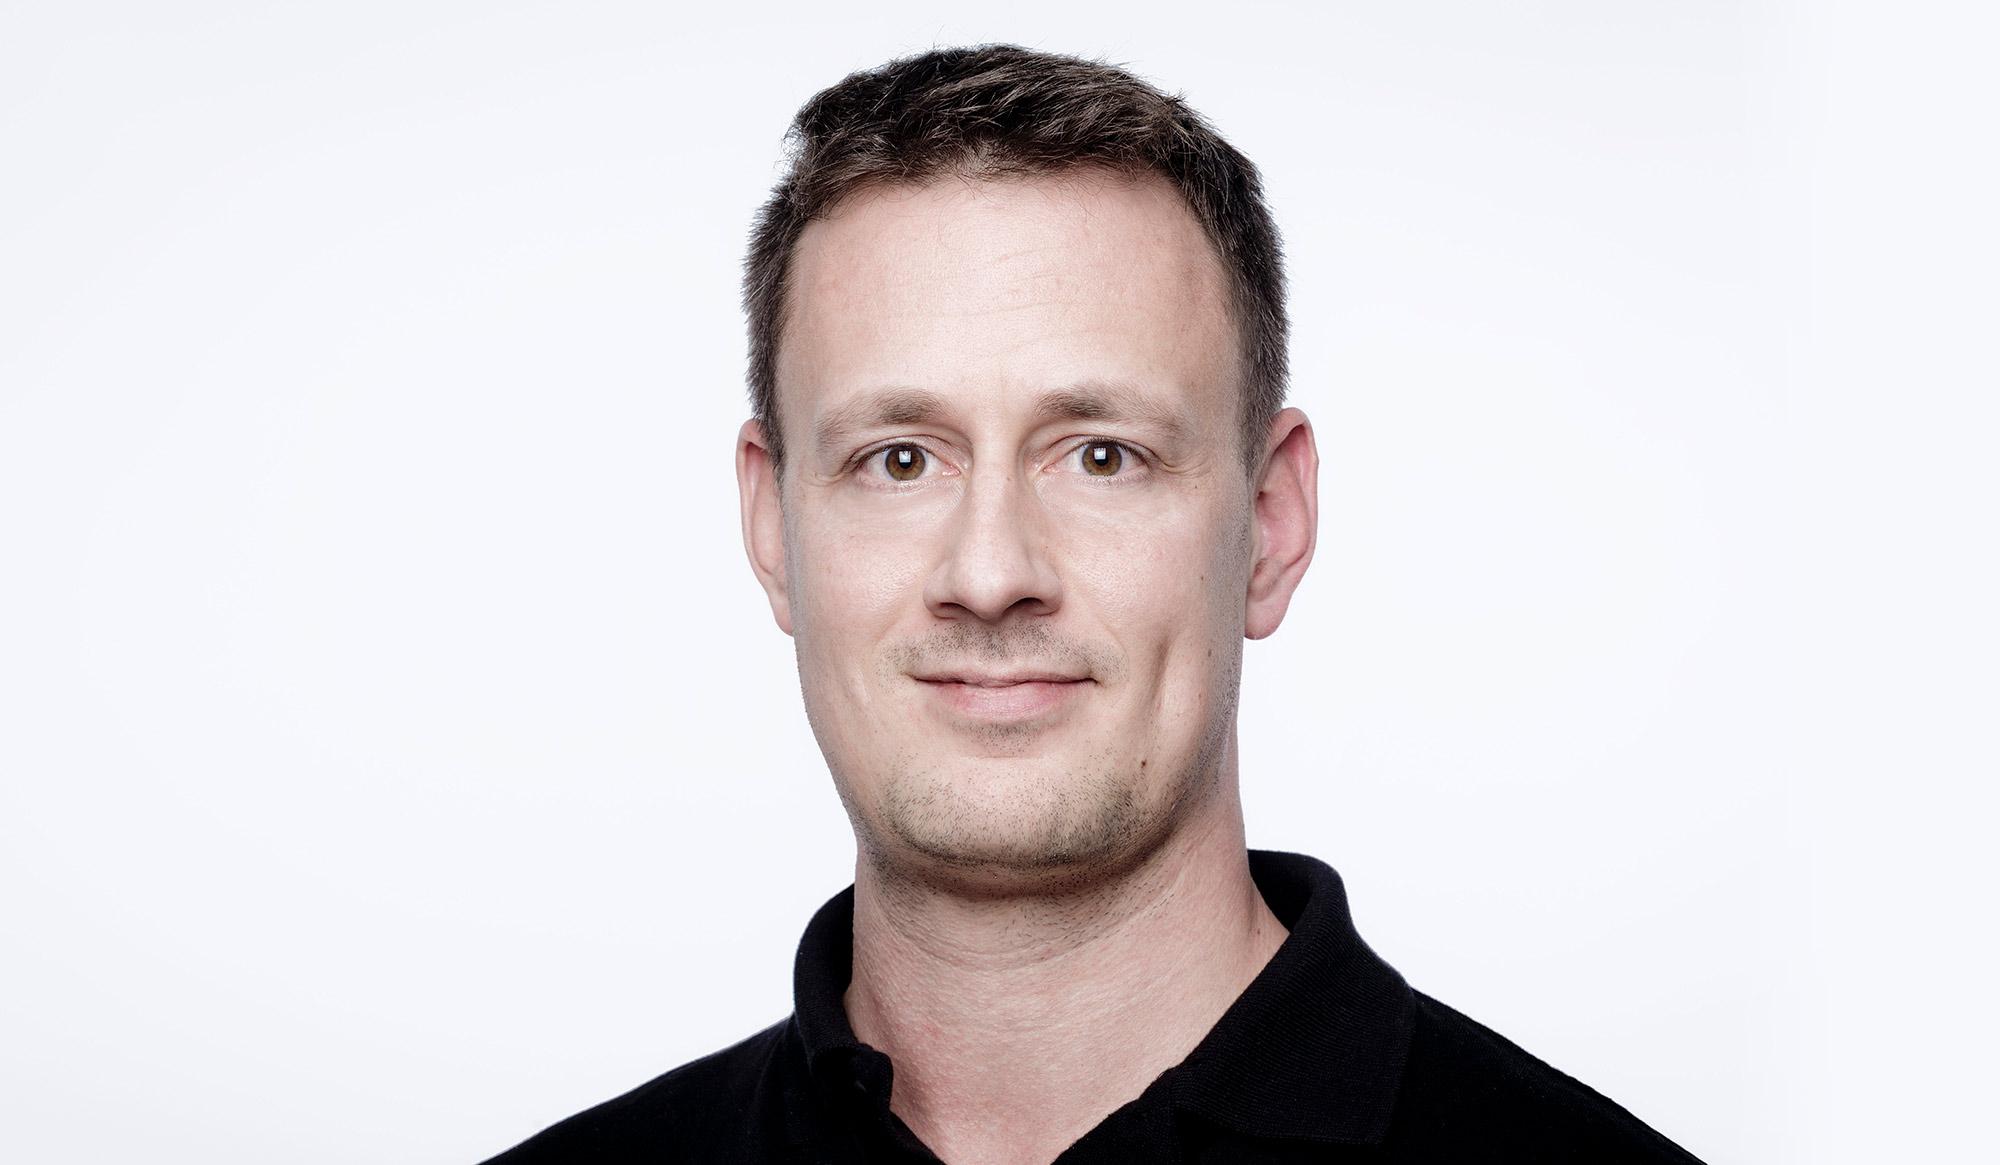 Daniel Duhr